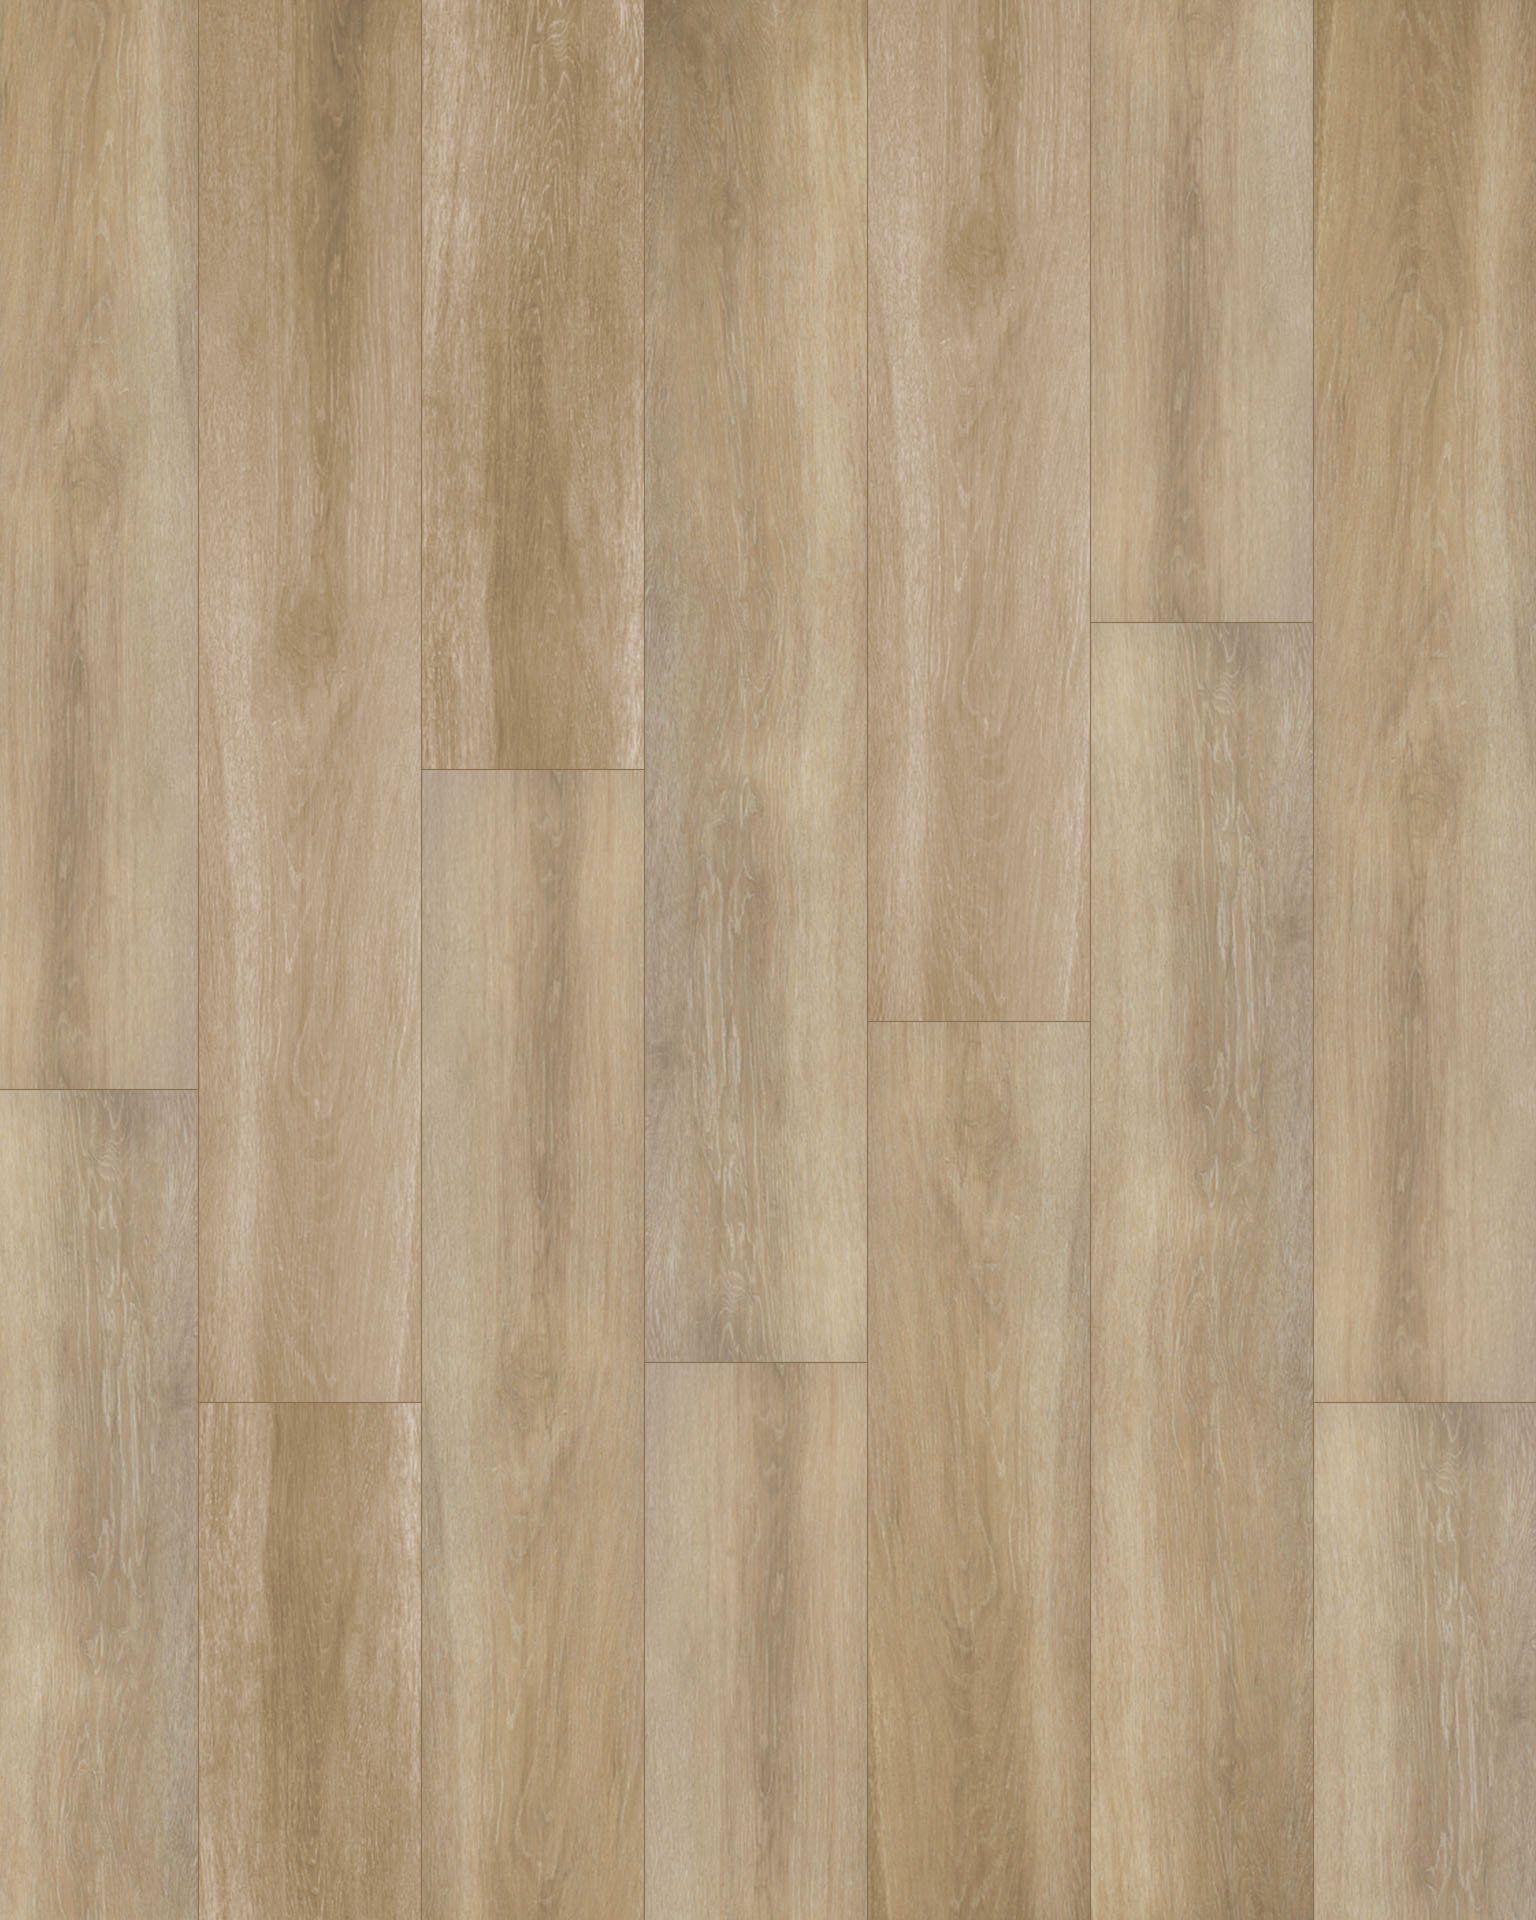 oakland beige 8 x 48 porcelain wood look tile